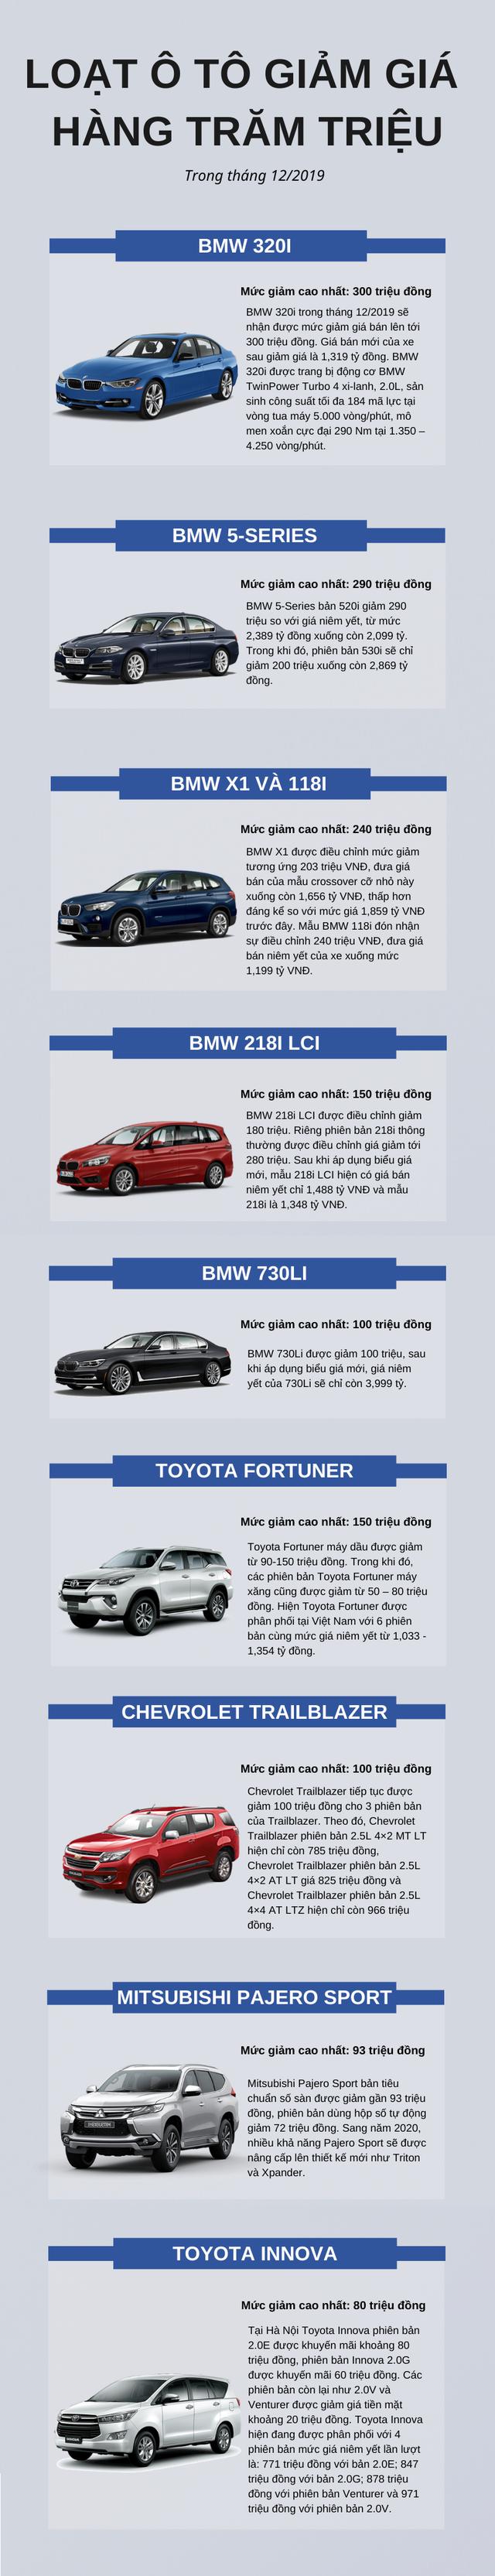 Loạt ô tô giảm giá hàng trăm triệu trong tháng 12, cơ hội vàng cho người mua - Ảnh 1.